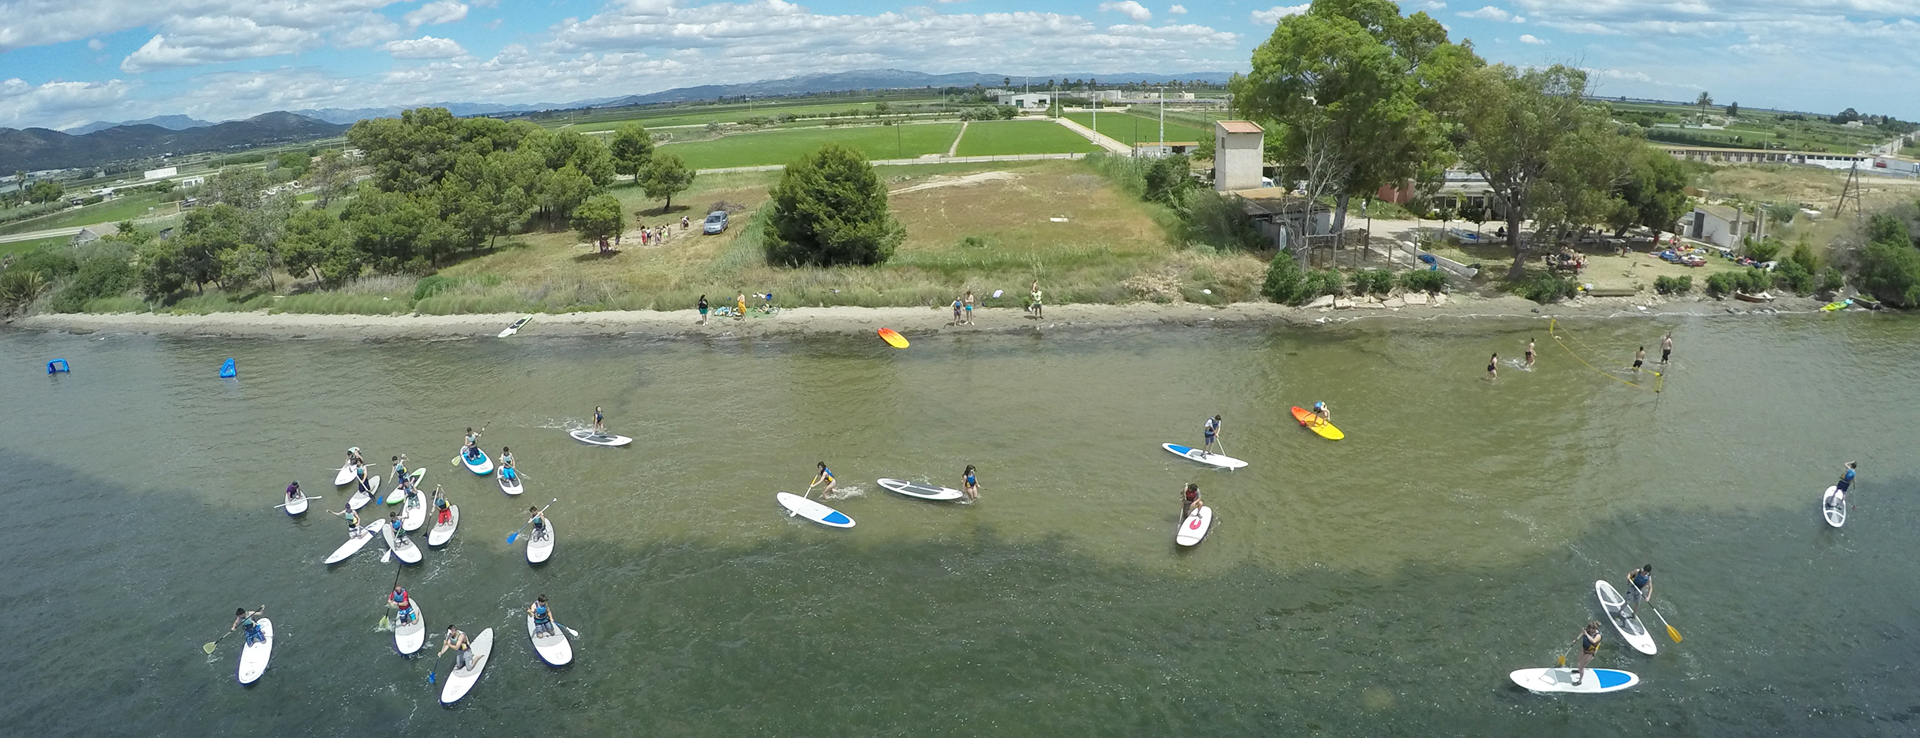 Cursos de Paddle Surf en el Delta del Ebro